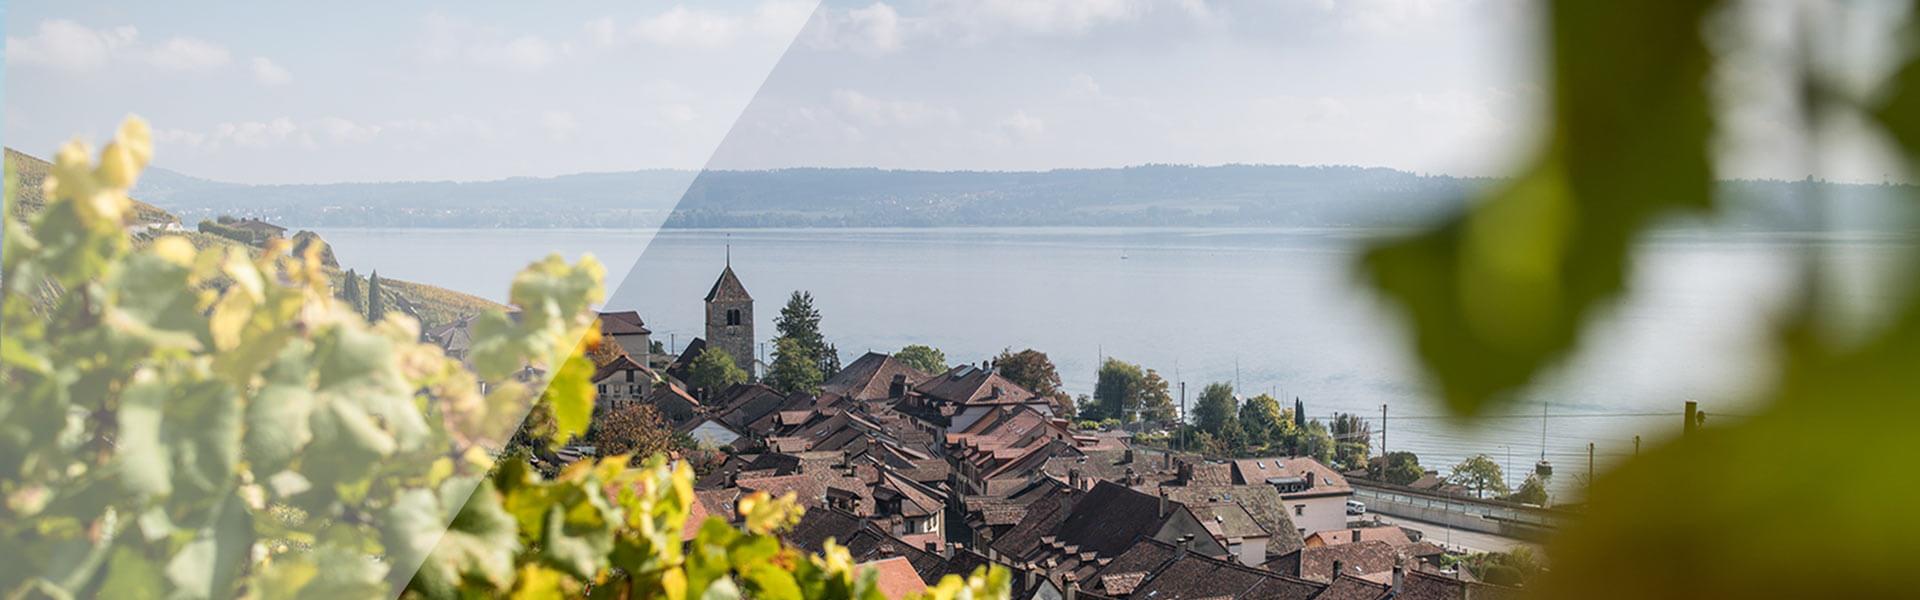 Dorf am Bielersee